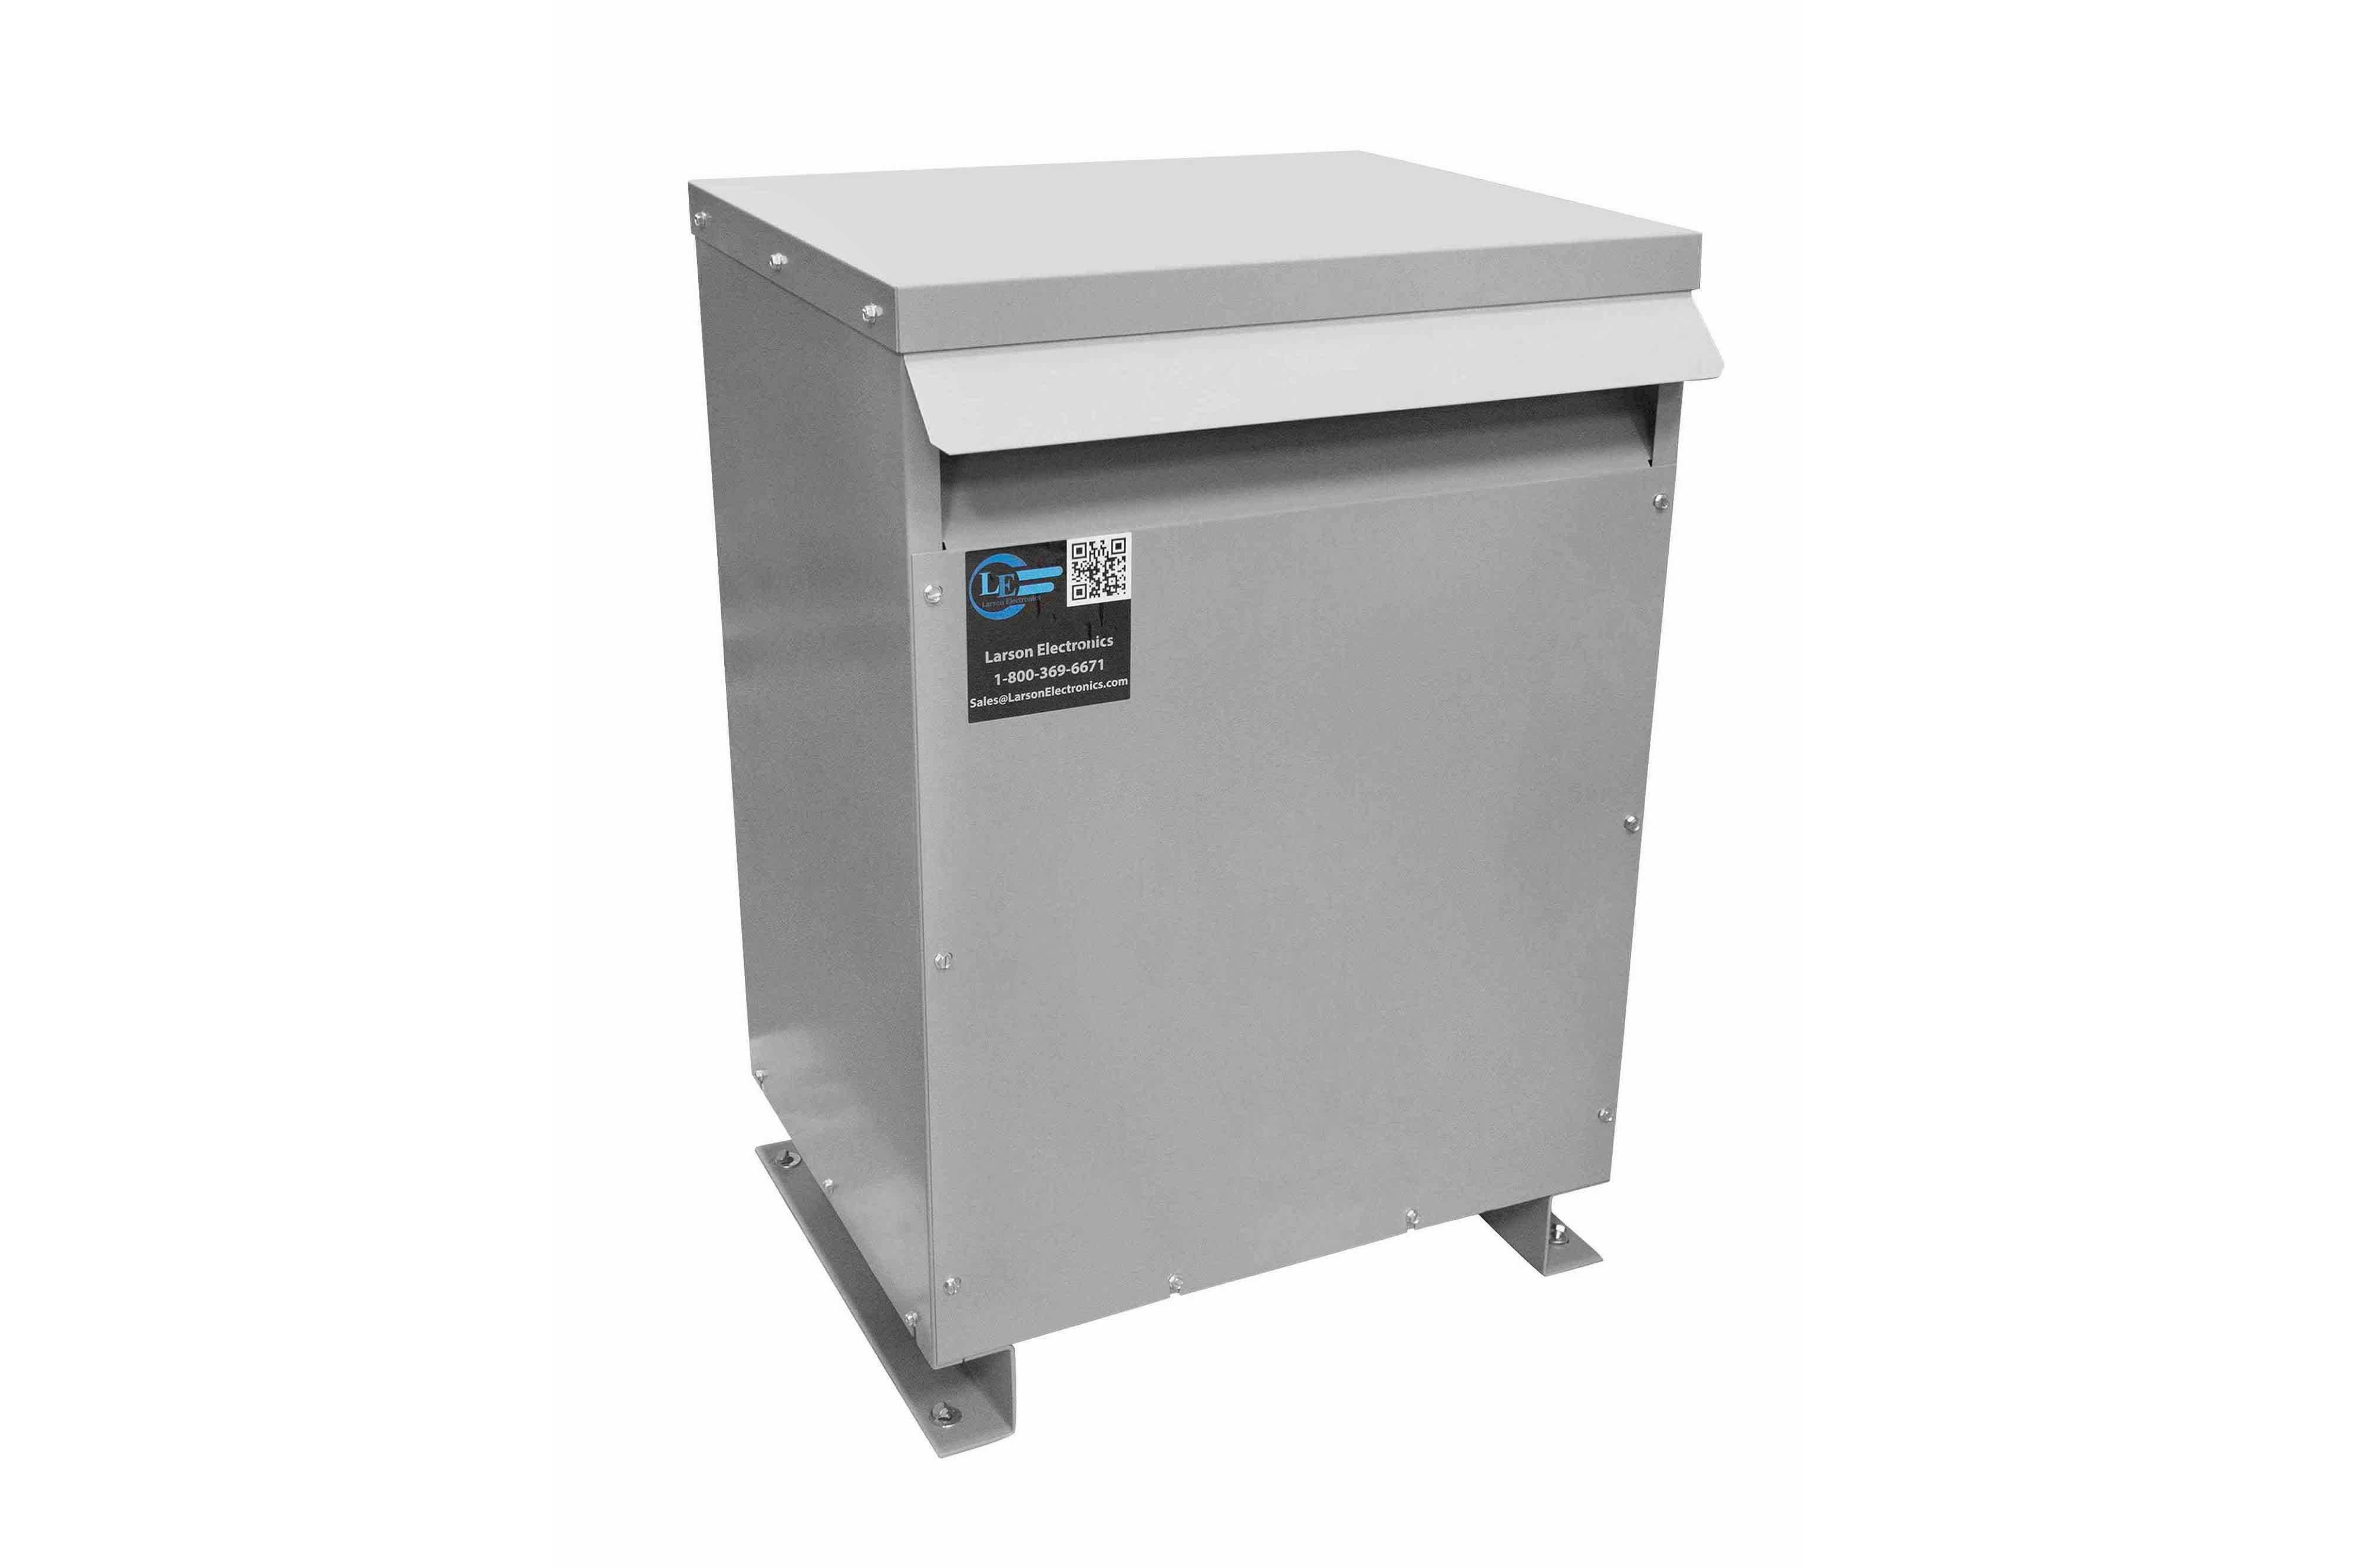 52.5 kVA 3PH Isolation Transformer, 480V Delta Primary, 575V Delta Secondary, N3R, Ventilated, 60 Hz